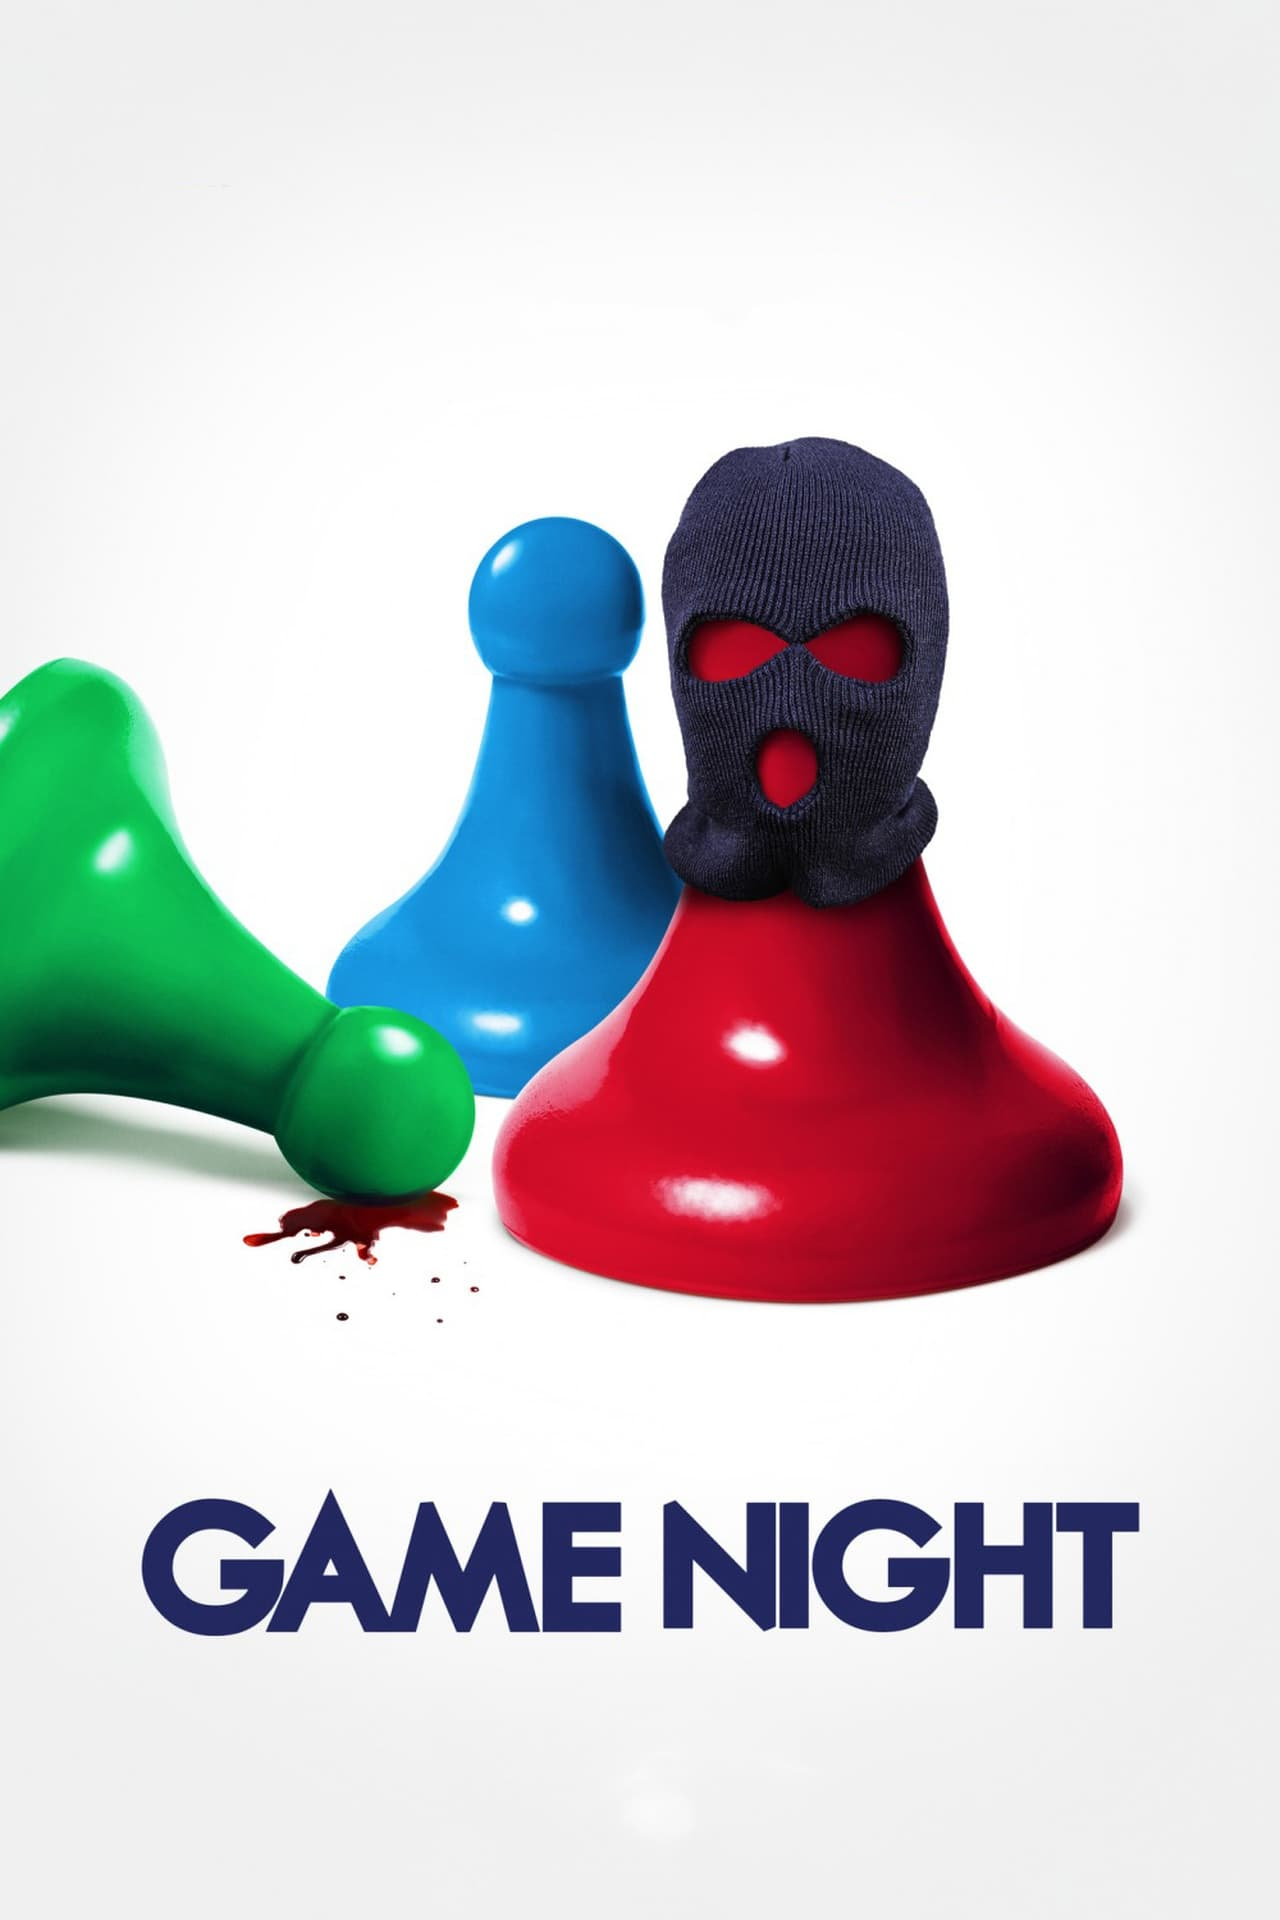 Noche de juegos ()